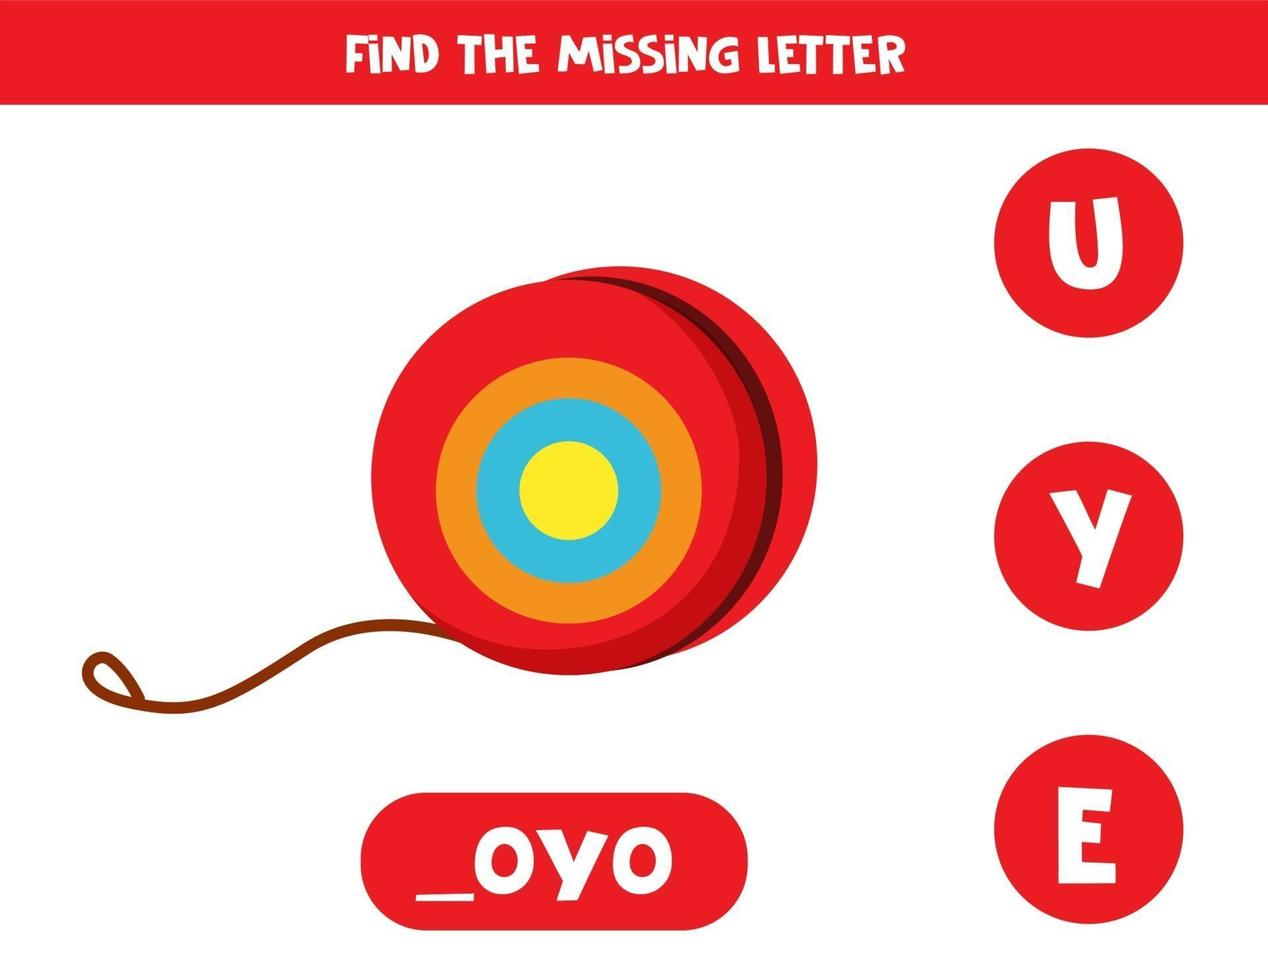 trova la lettera mancante con yoyo simpatico cartone animato. vettore